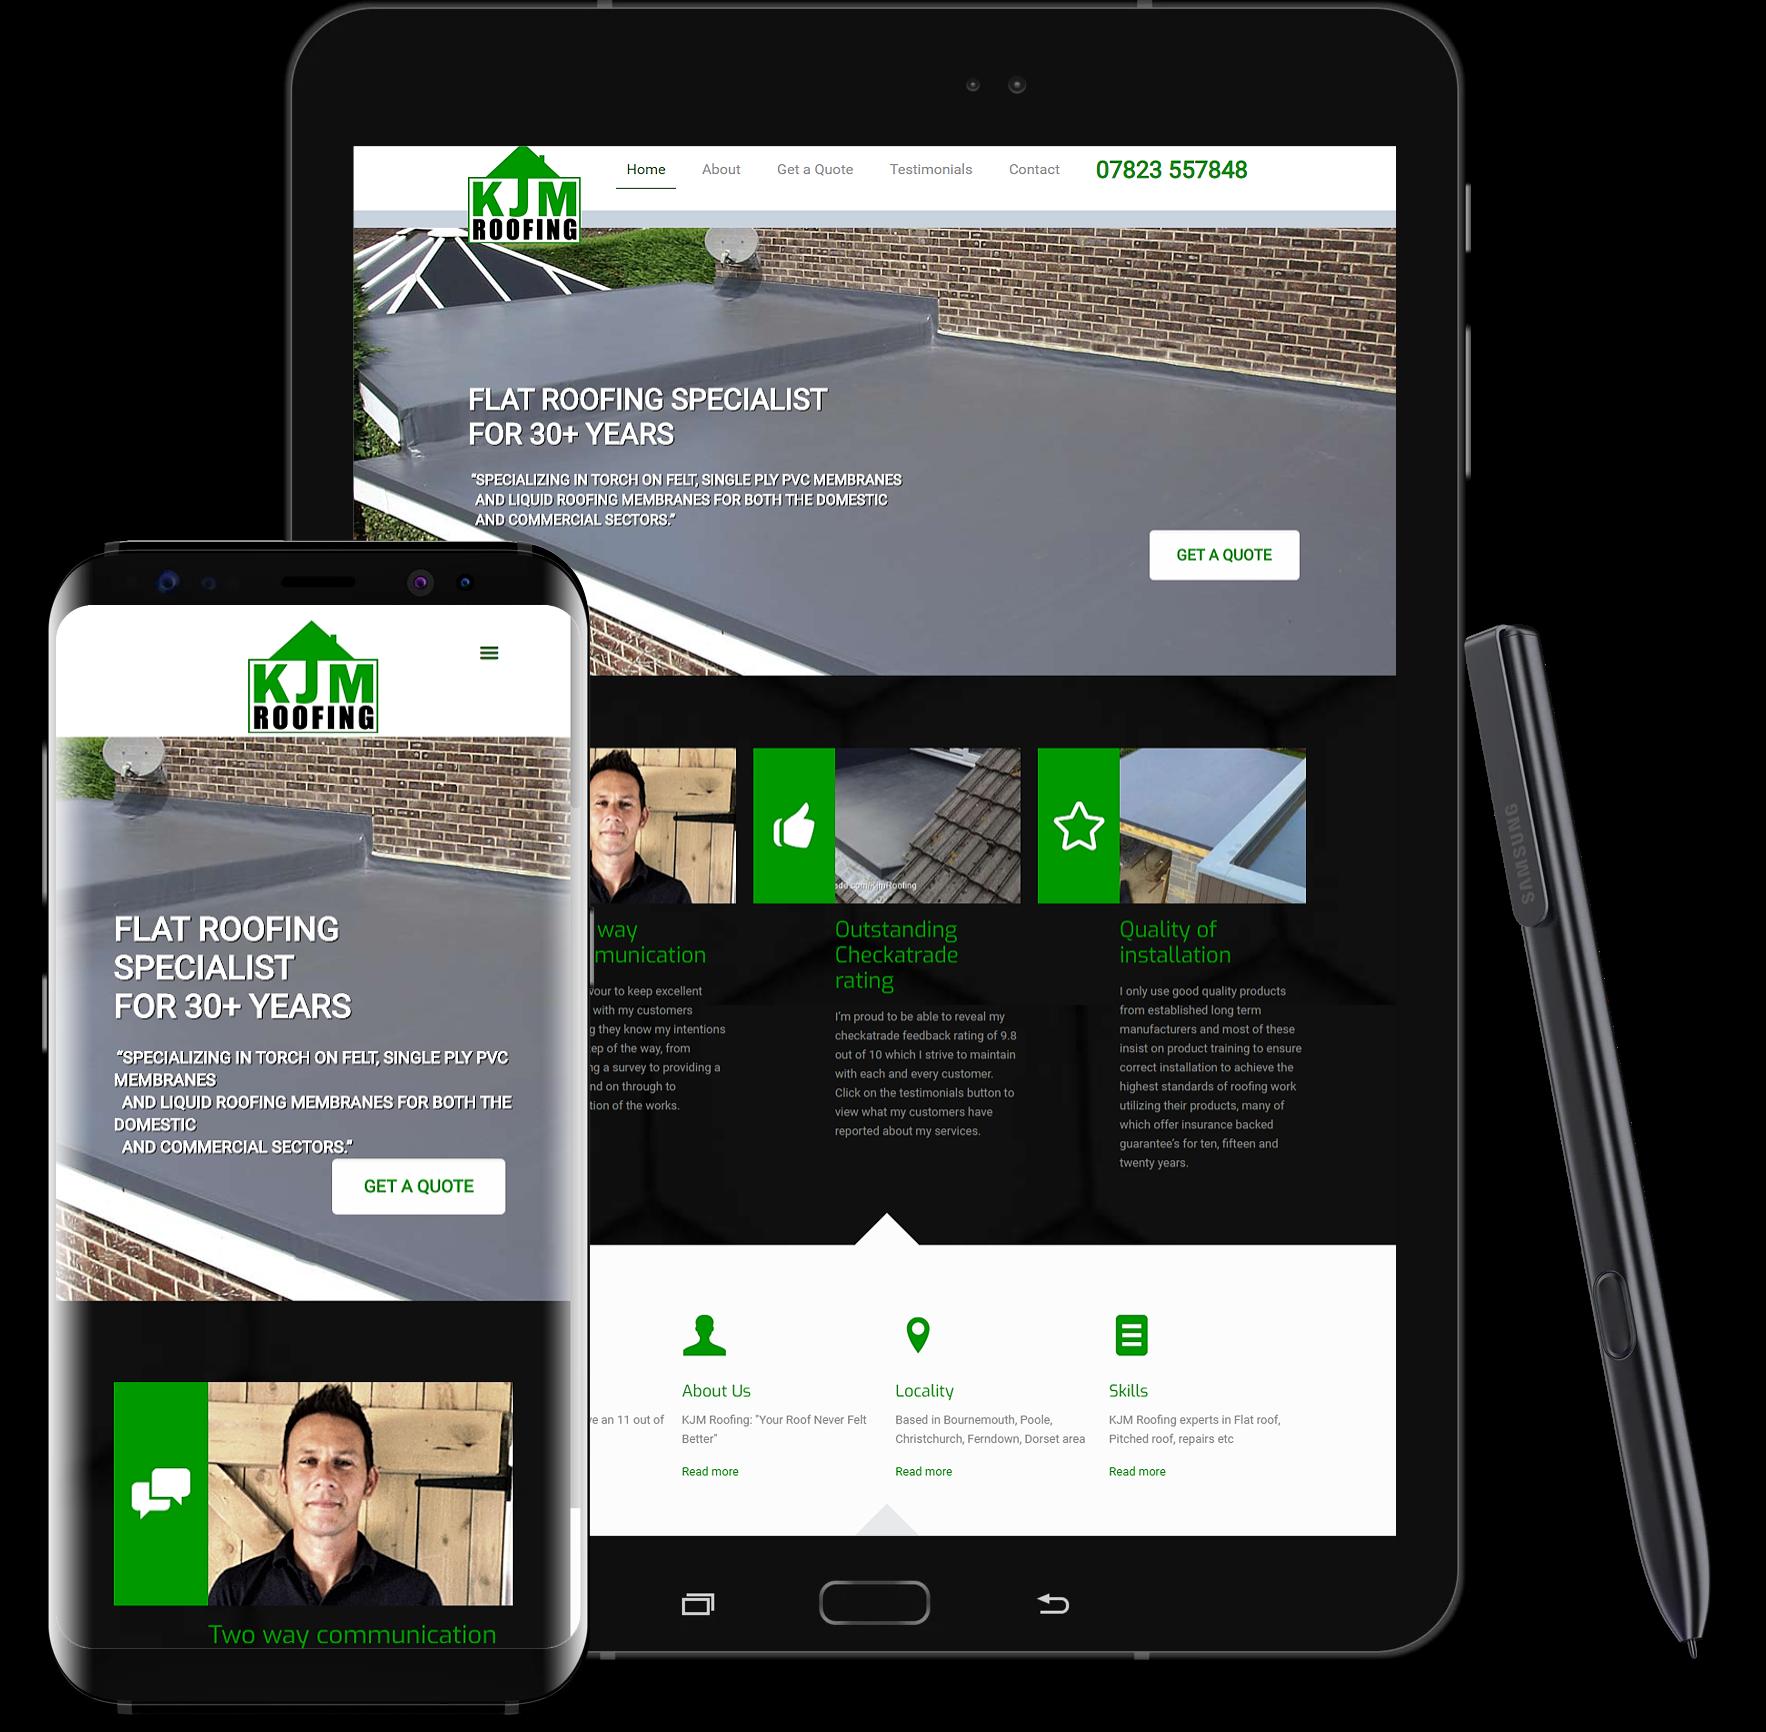 KJM Web design